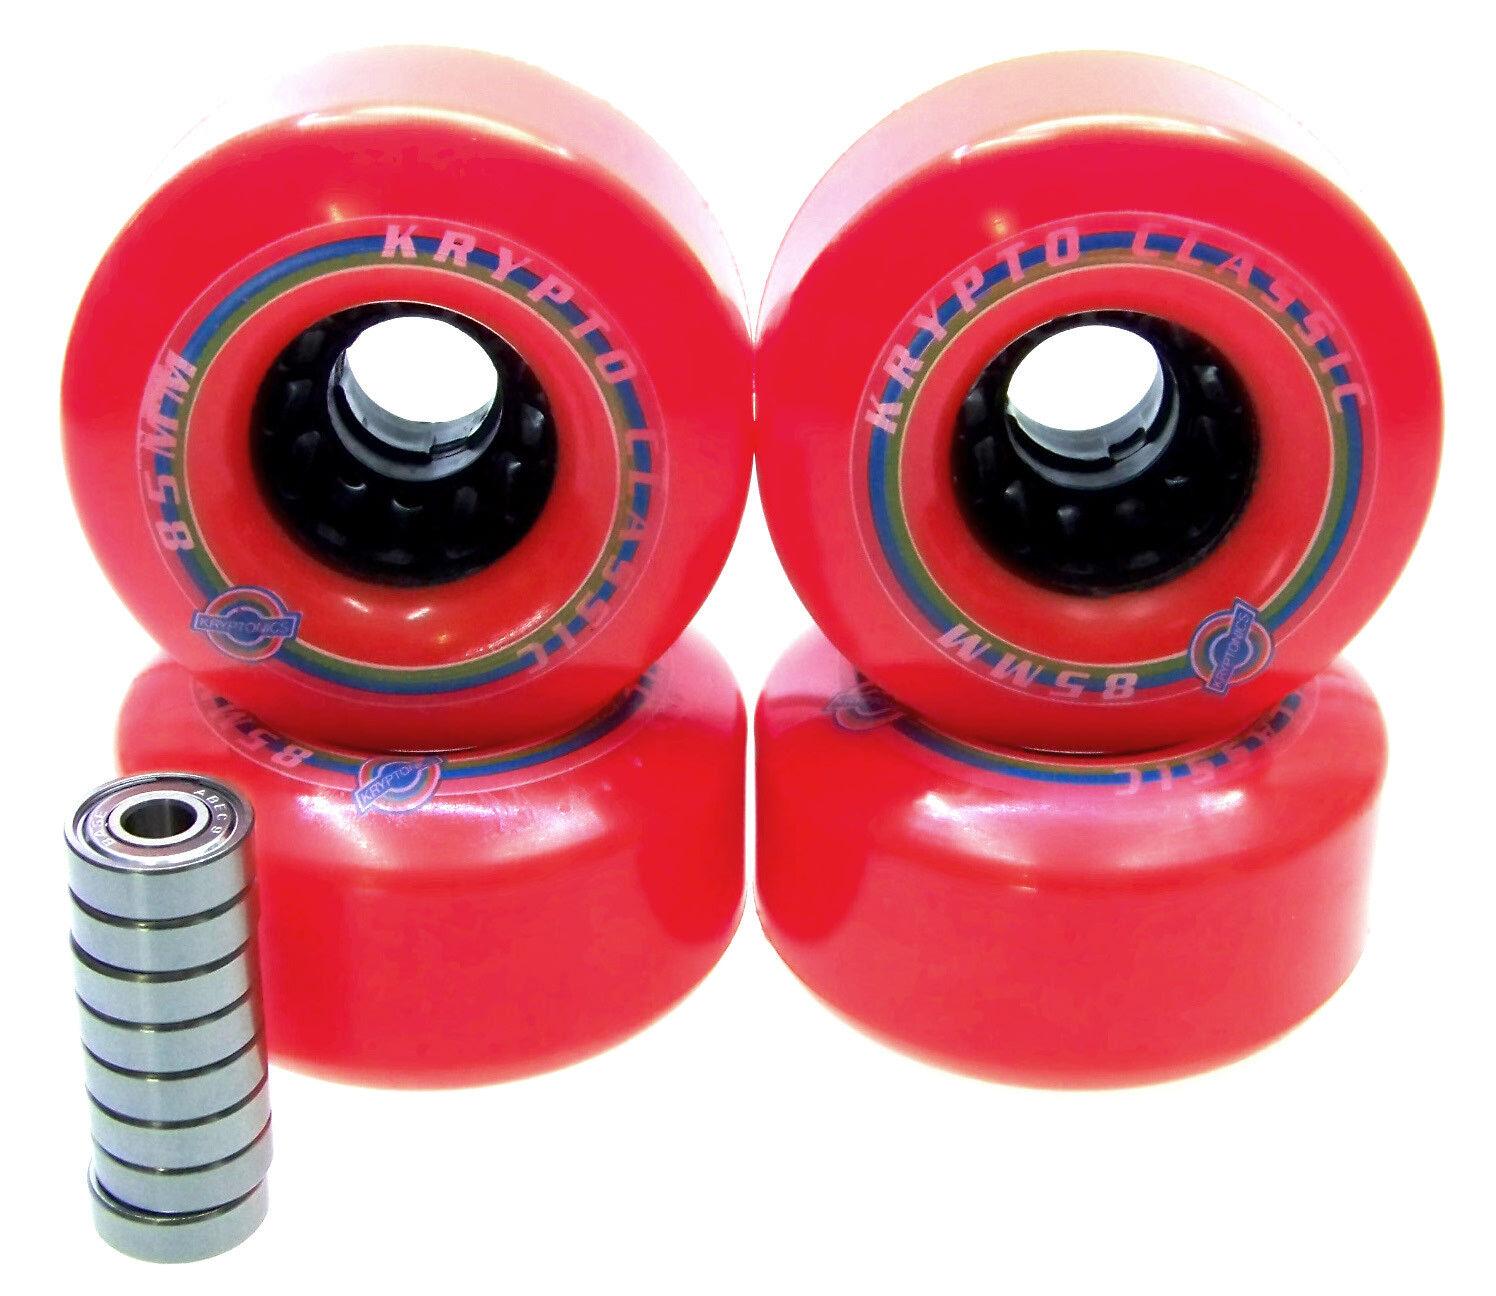 Kryptonics Classic  85mm   80A Longboard wheels bearing ABEC 5 7 9 RED  big sale